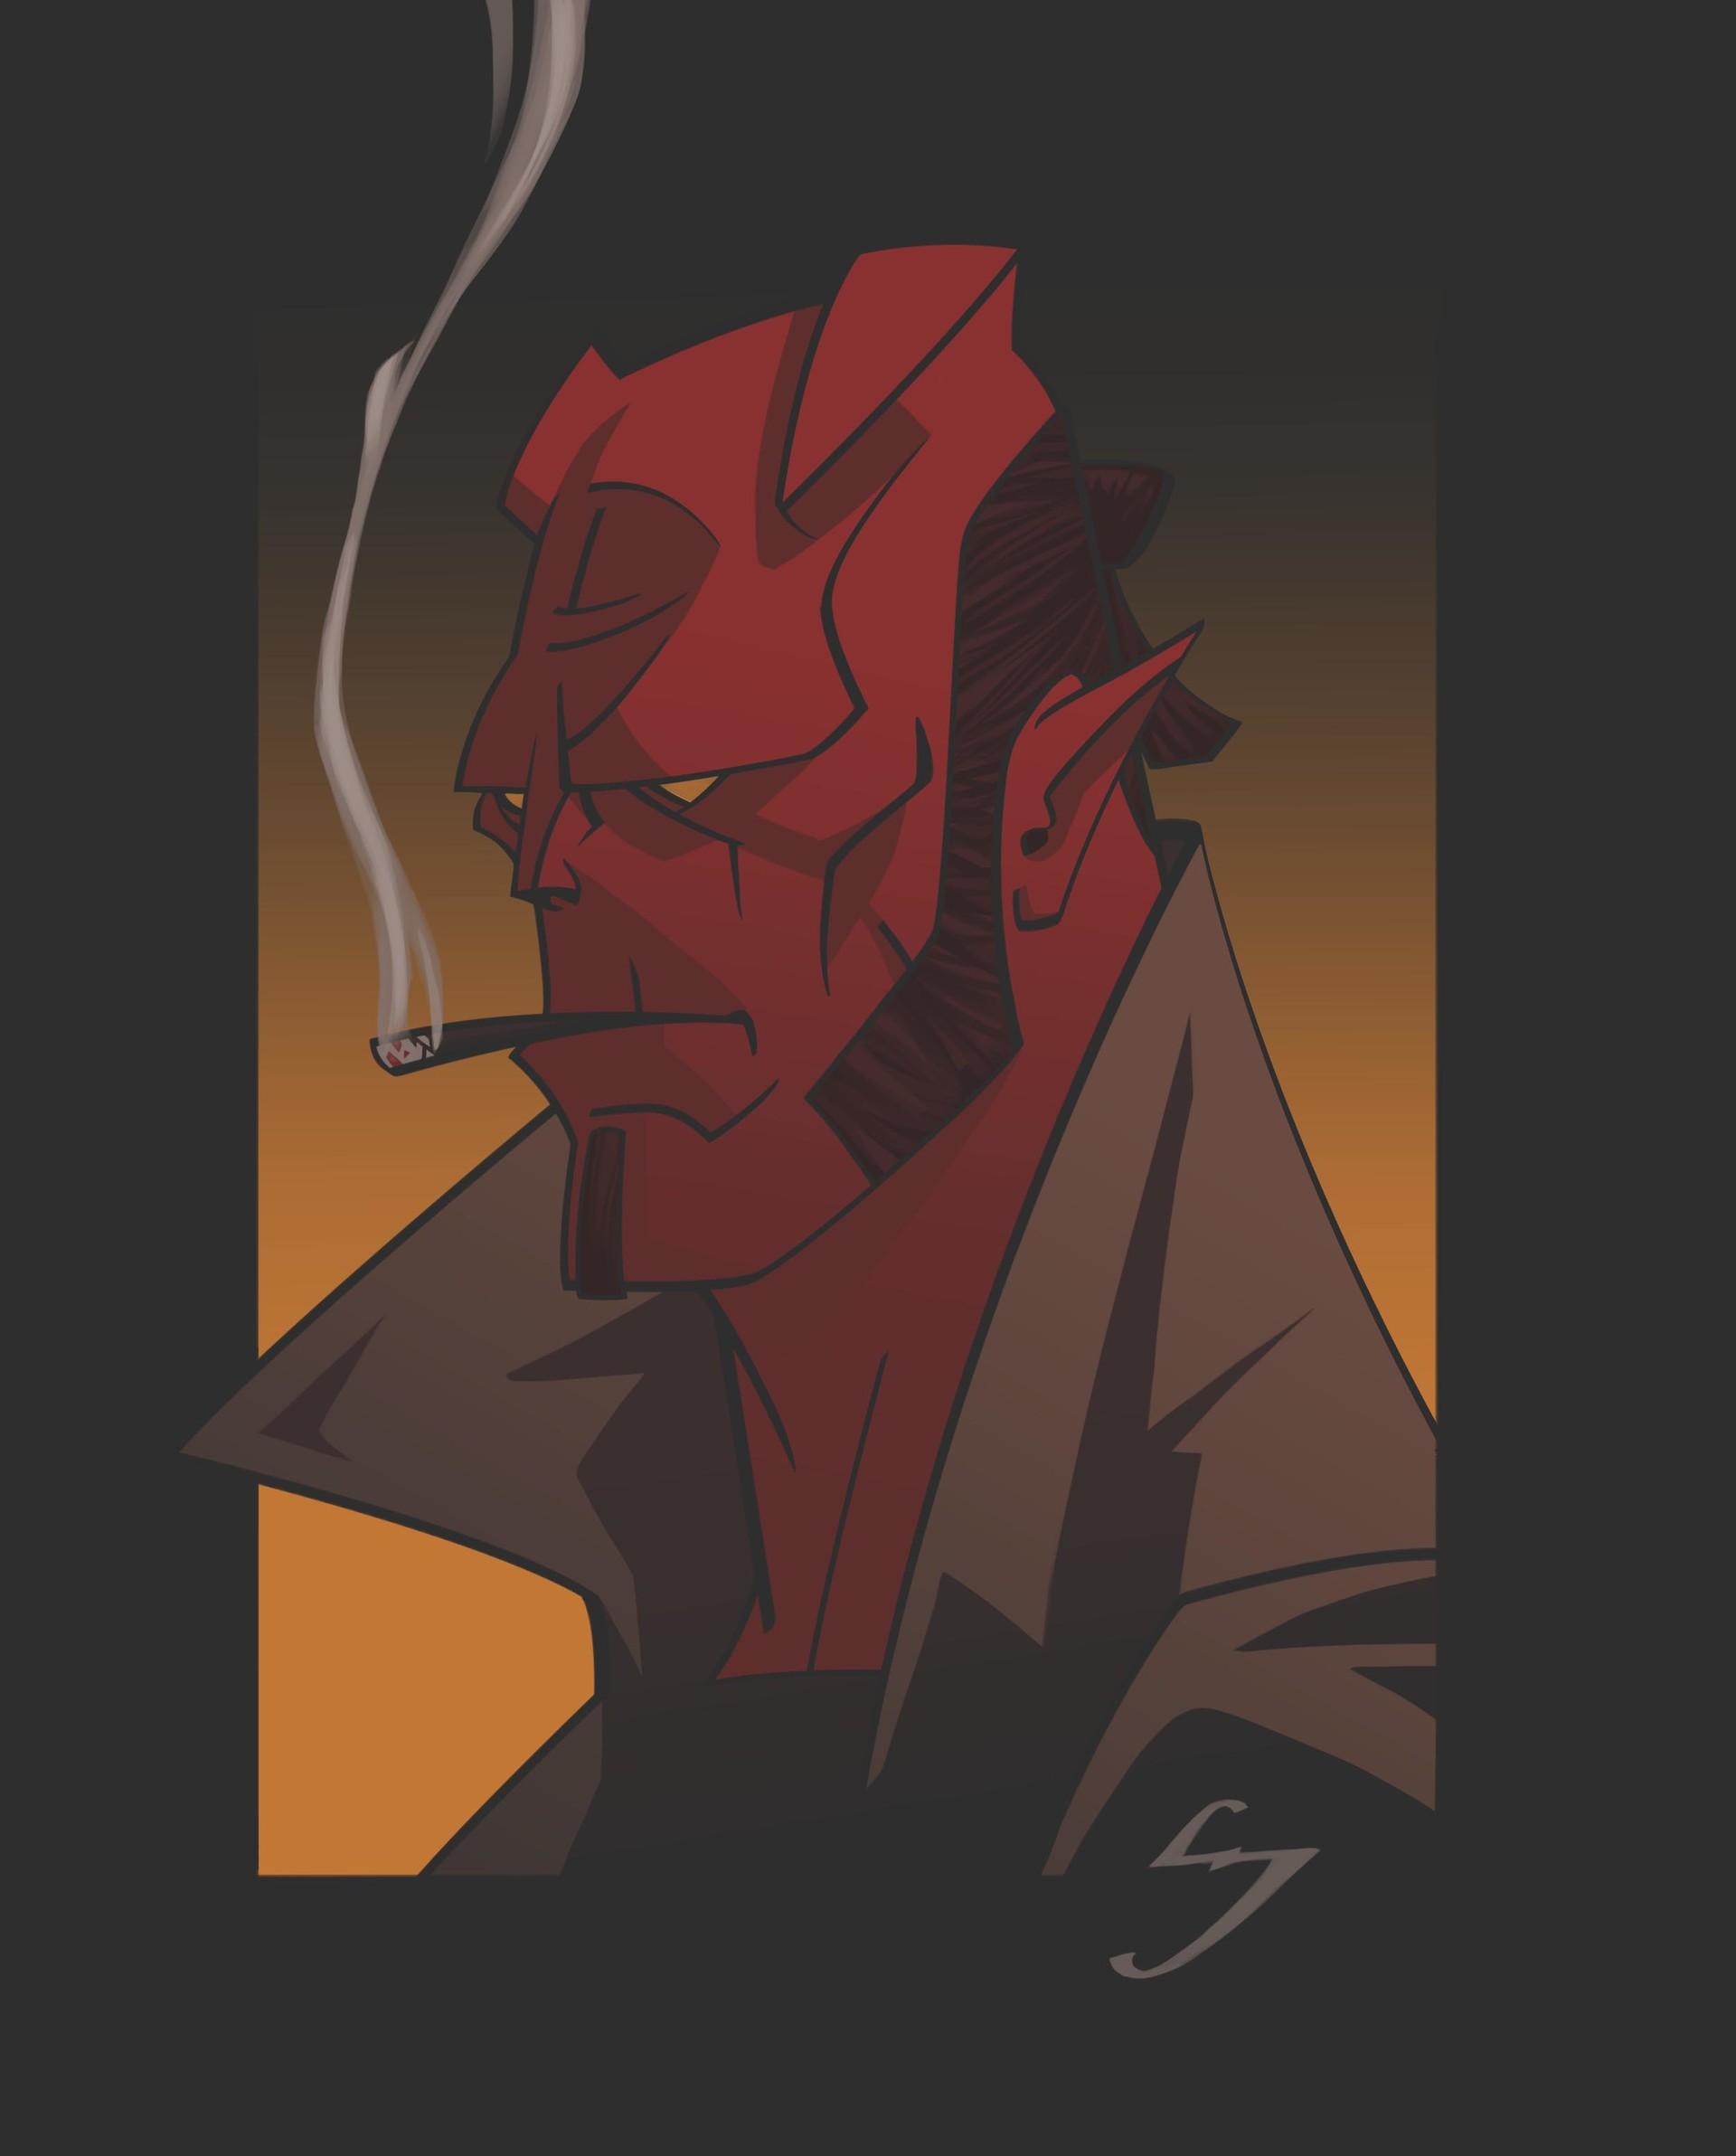 akzeptabler Preis heißer verkauf authentisch anders Gabor Sheresh - Hellboy